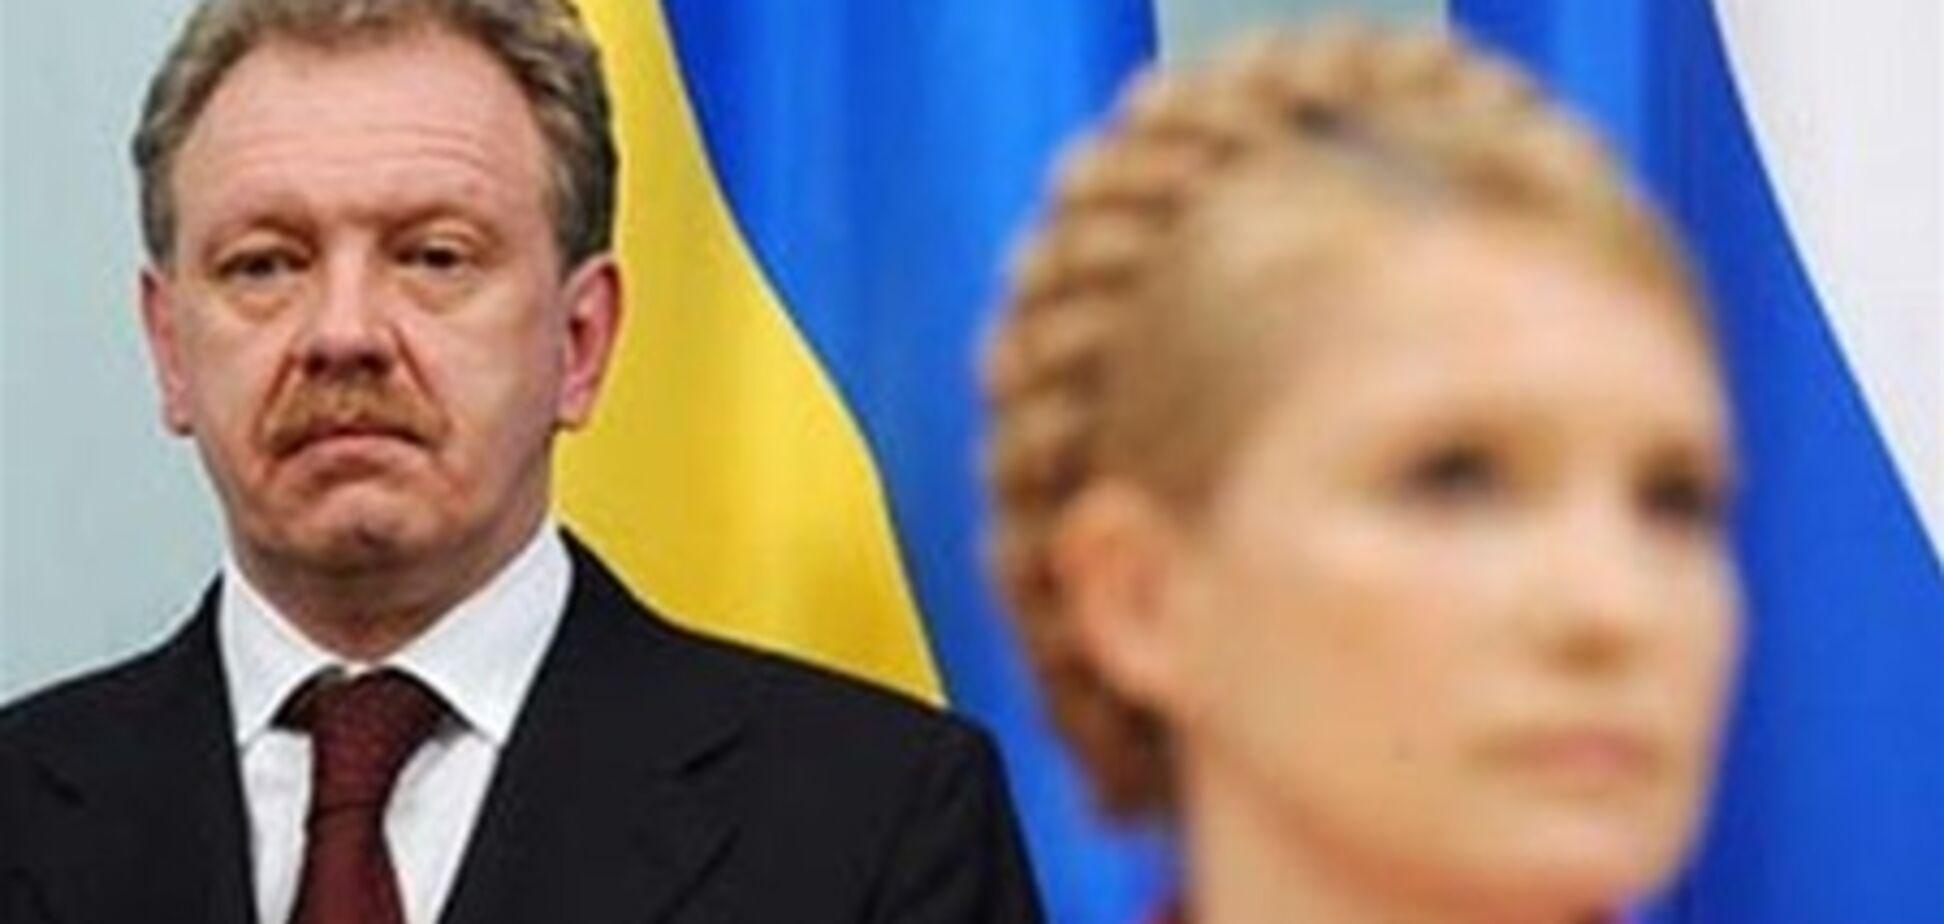 Дубина пожаловался суду, что Тимошенко его коварно обманула